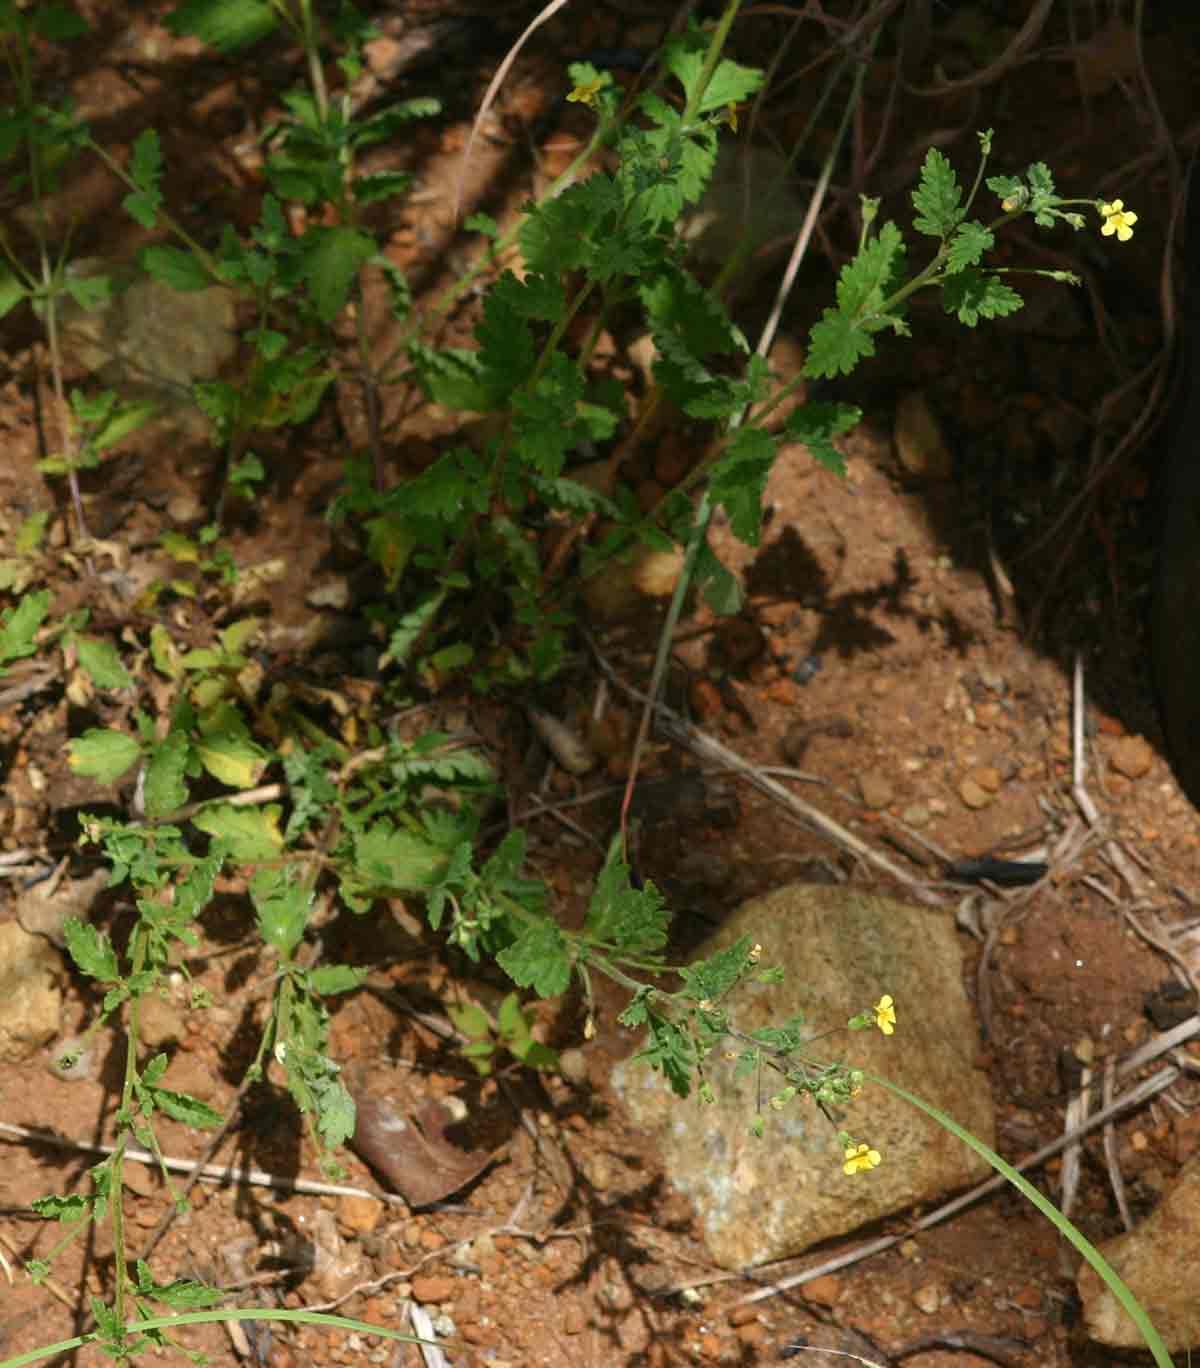 Jamesbrittenia micrantha